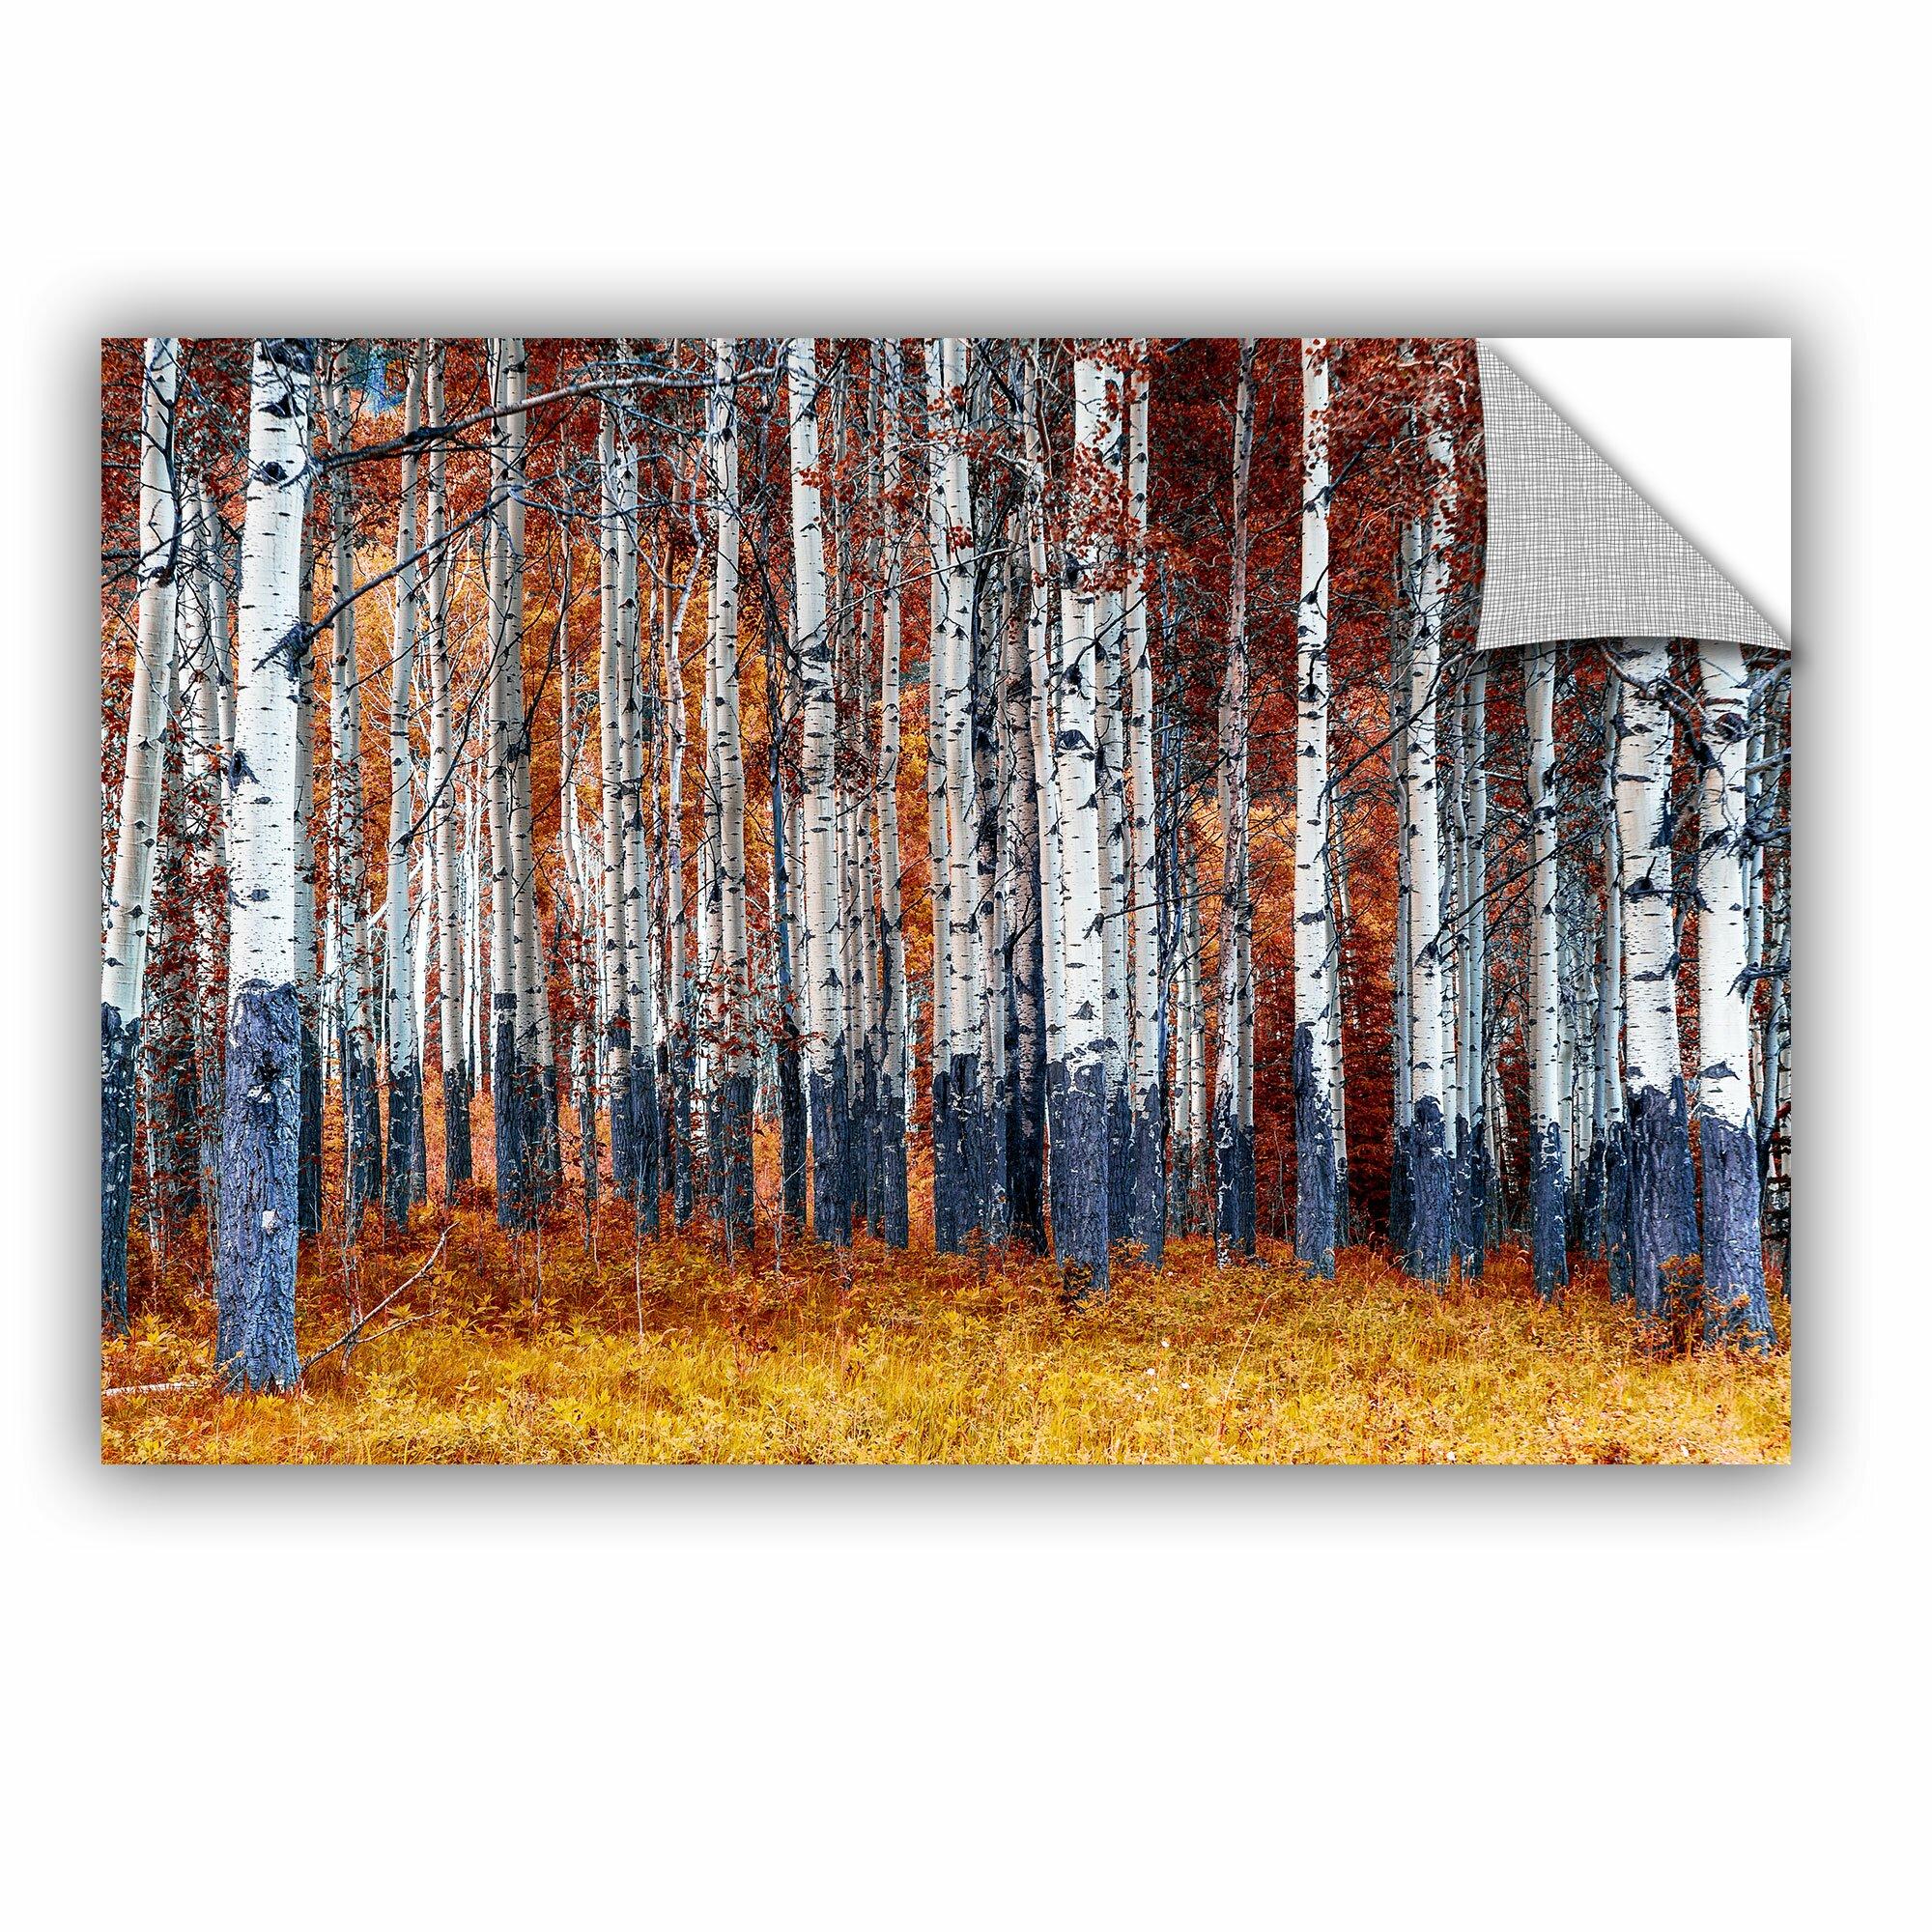 Artwall autumn forest wall mural wayfair for Autumn wall mural